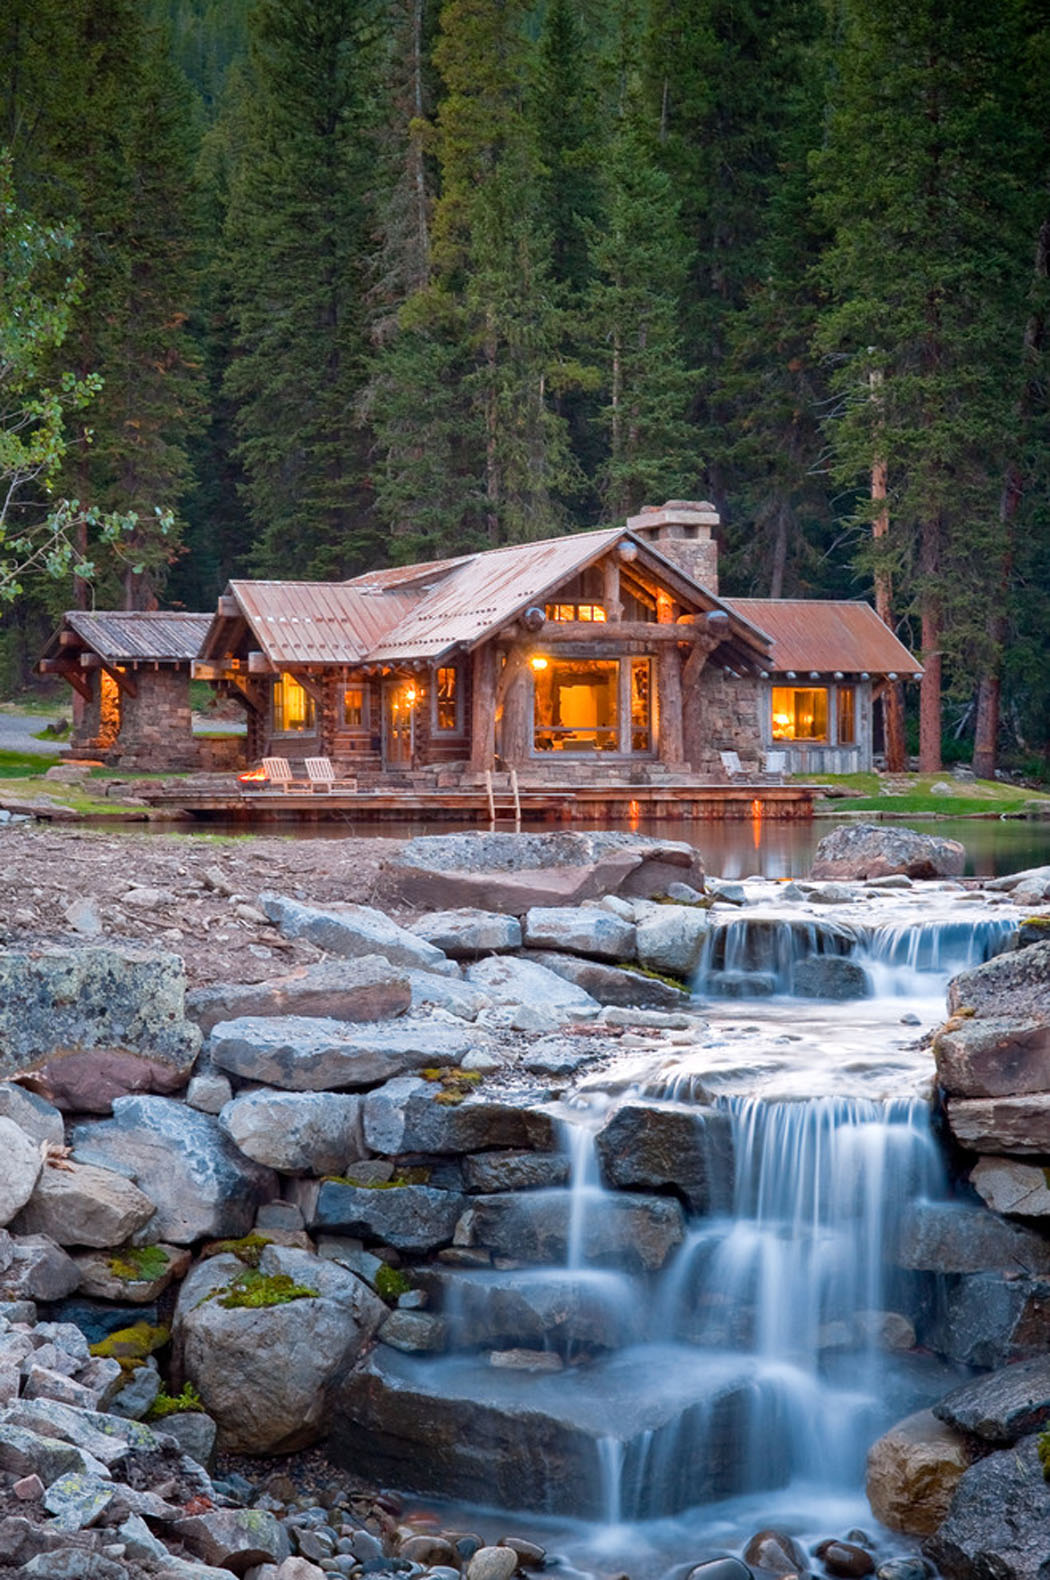 Belle maison rustique situ e au c ur d un paysage de - Residence de vacances gedney architecte ...